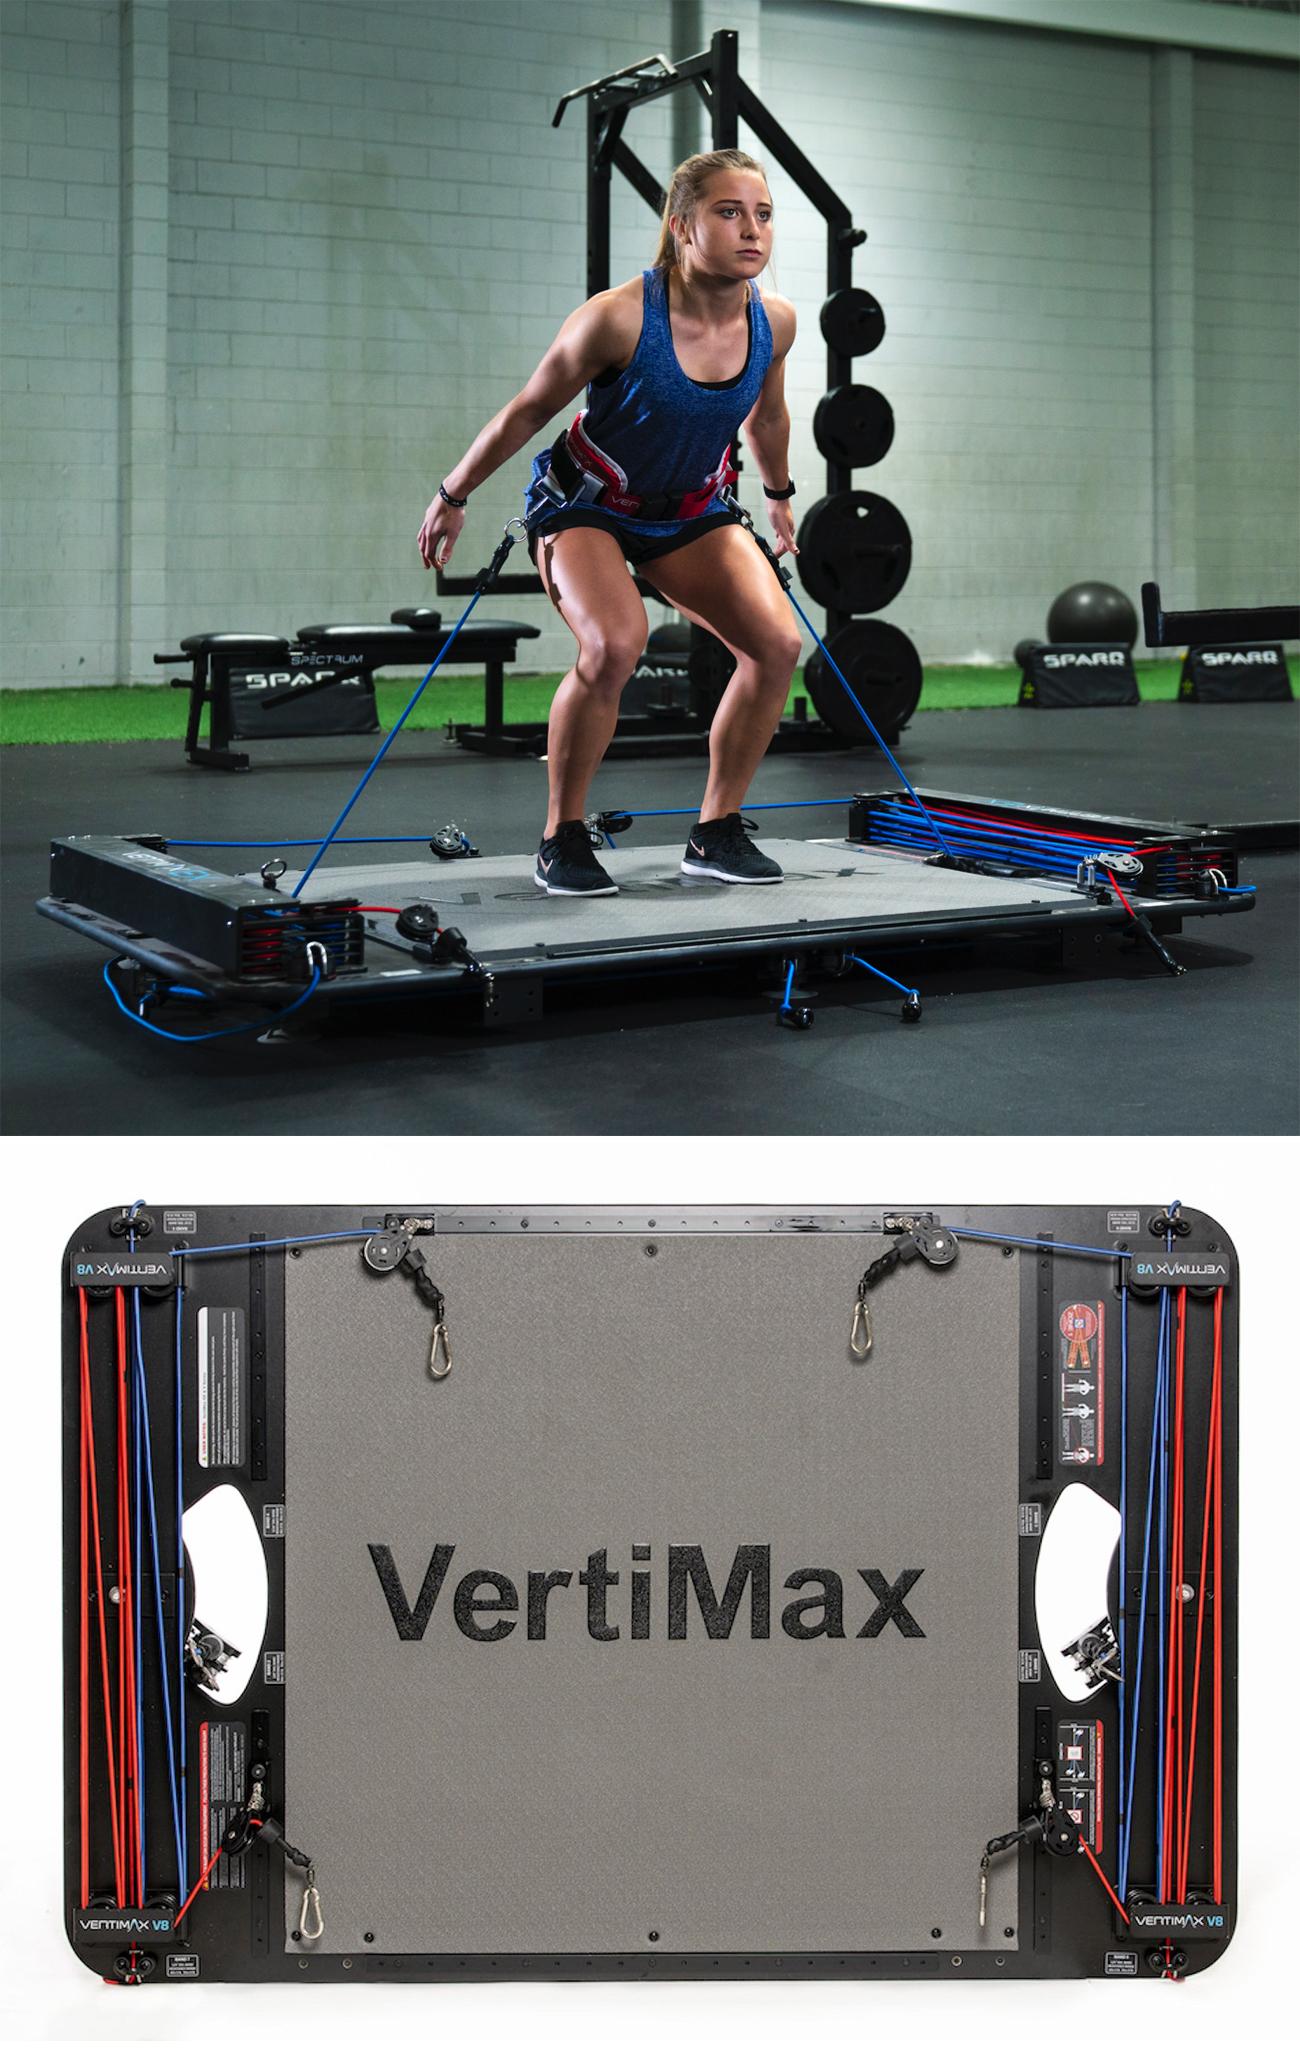 VertiMax 8 at Parisi Speed School at ARC